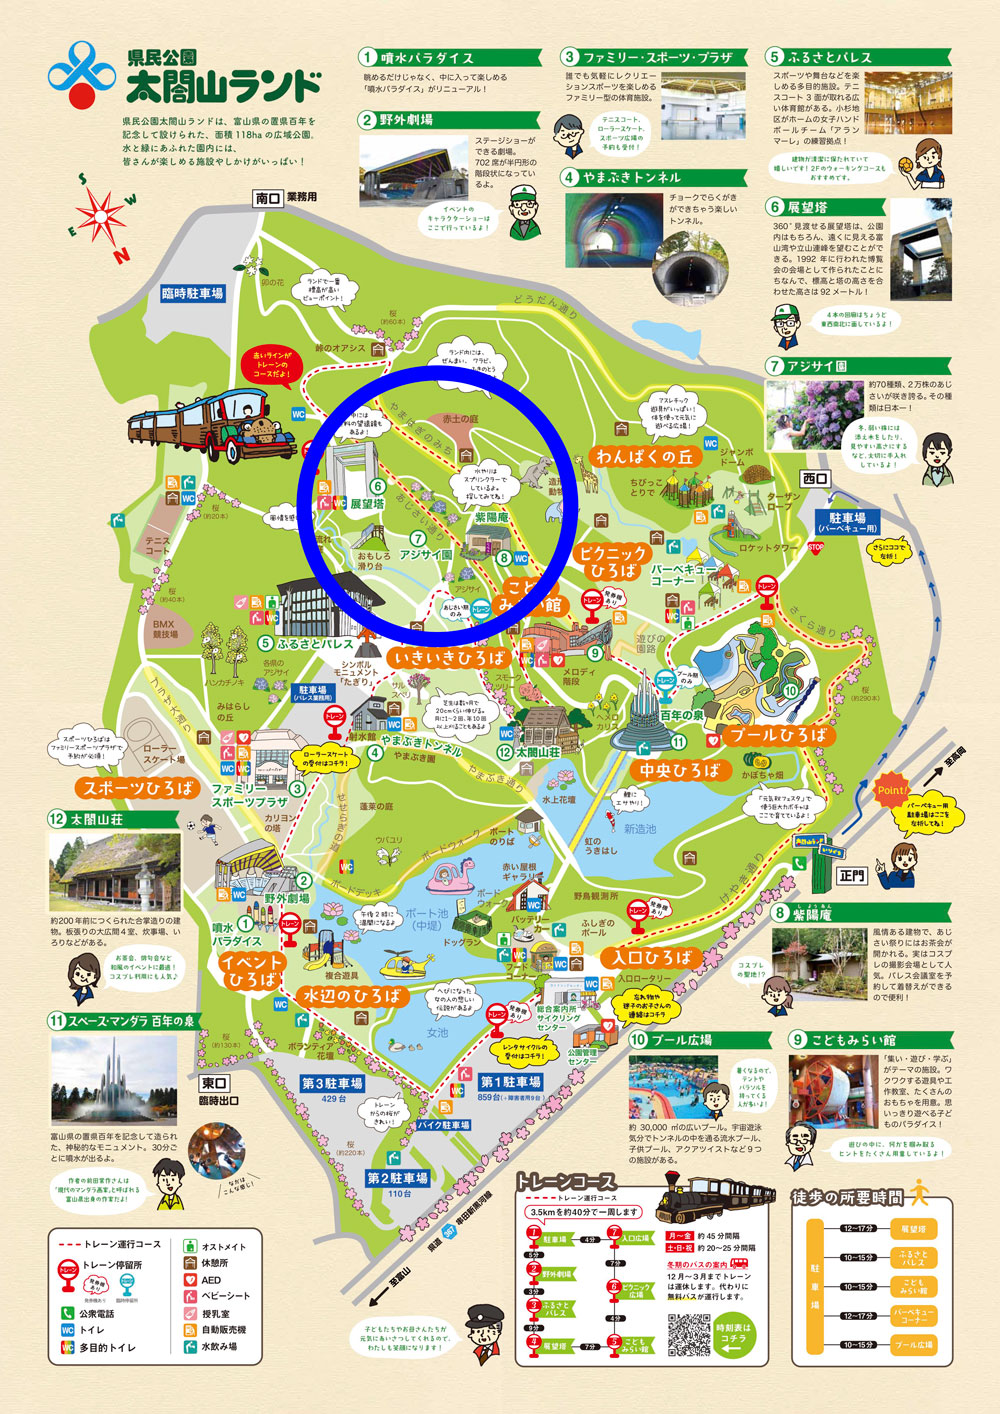 「あじさい祭りin太閤山ランド」の開催場所「あじさい通り」